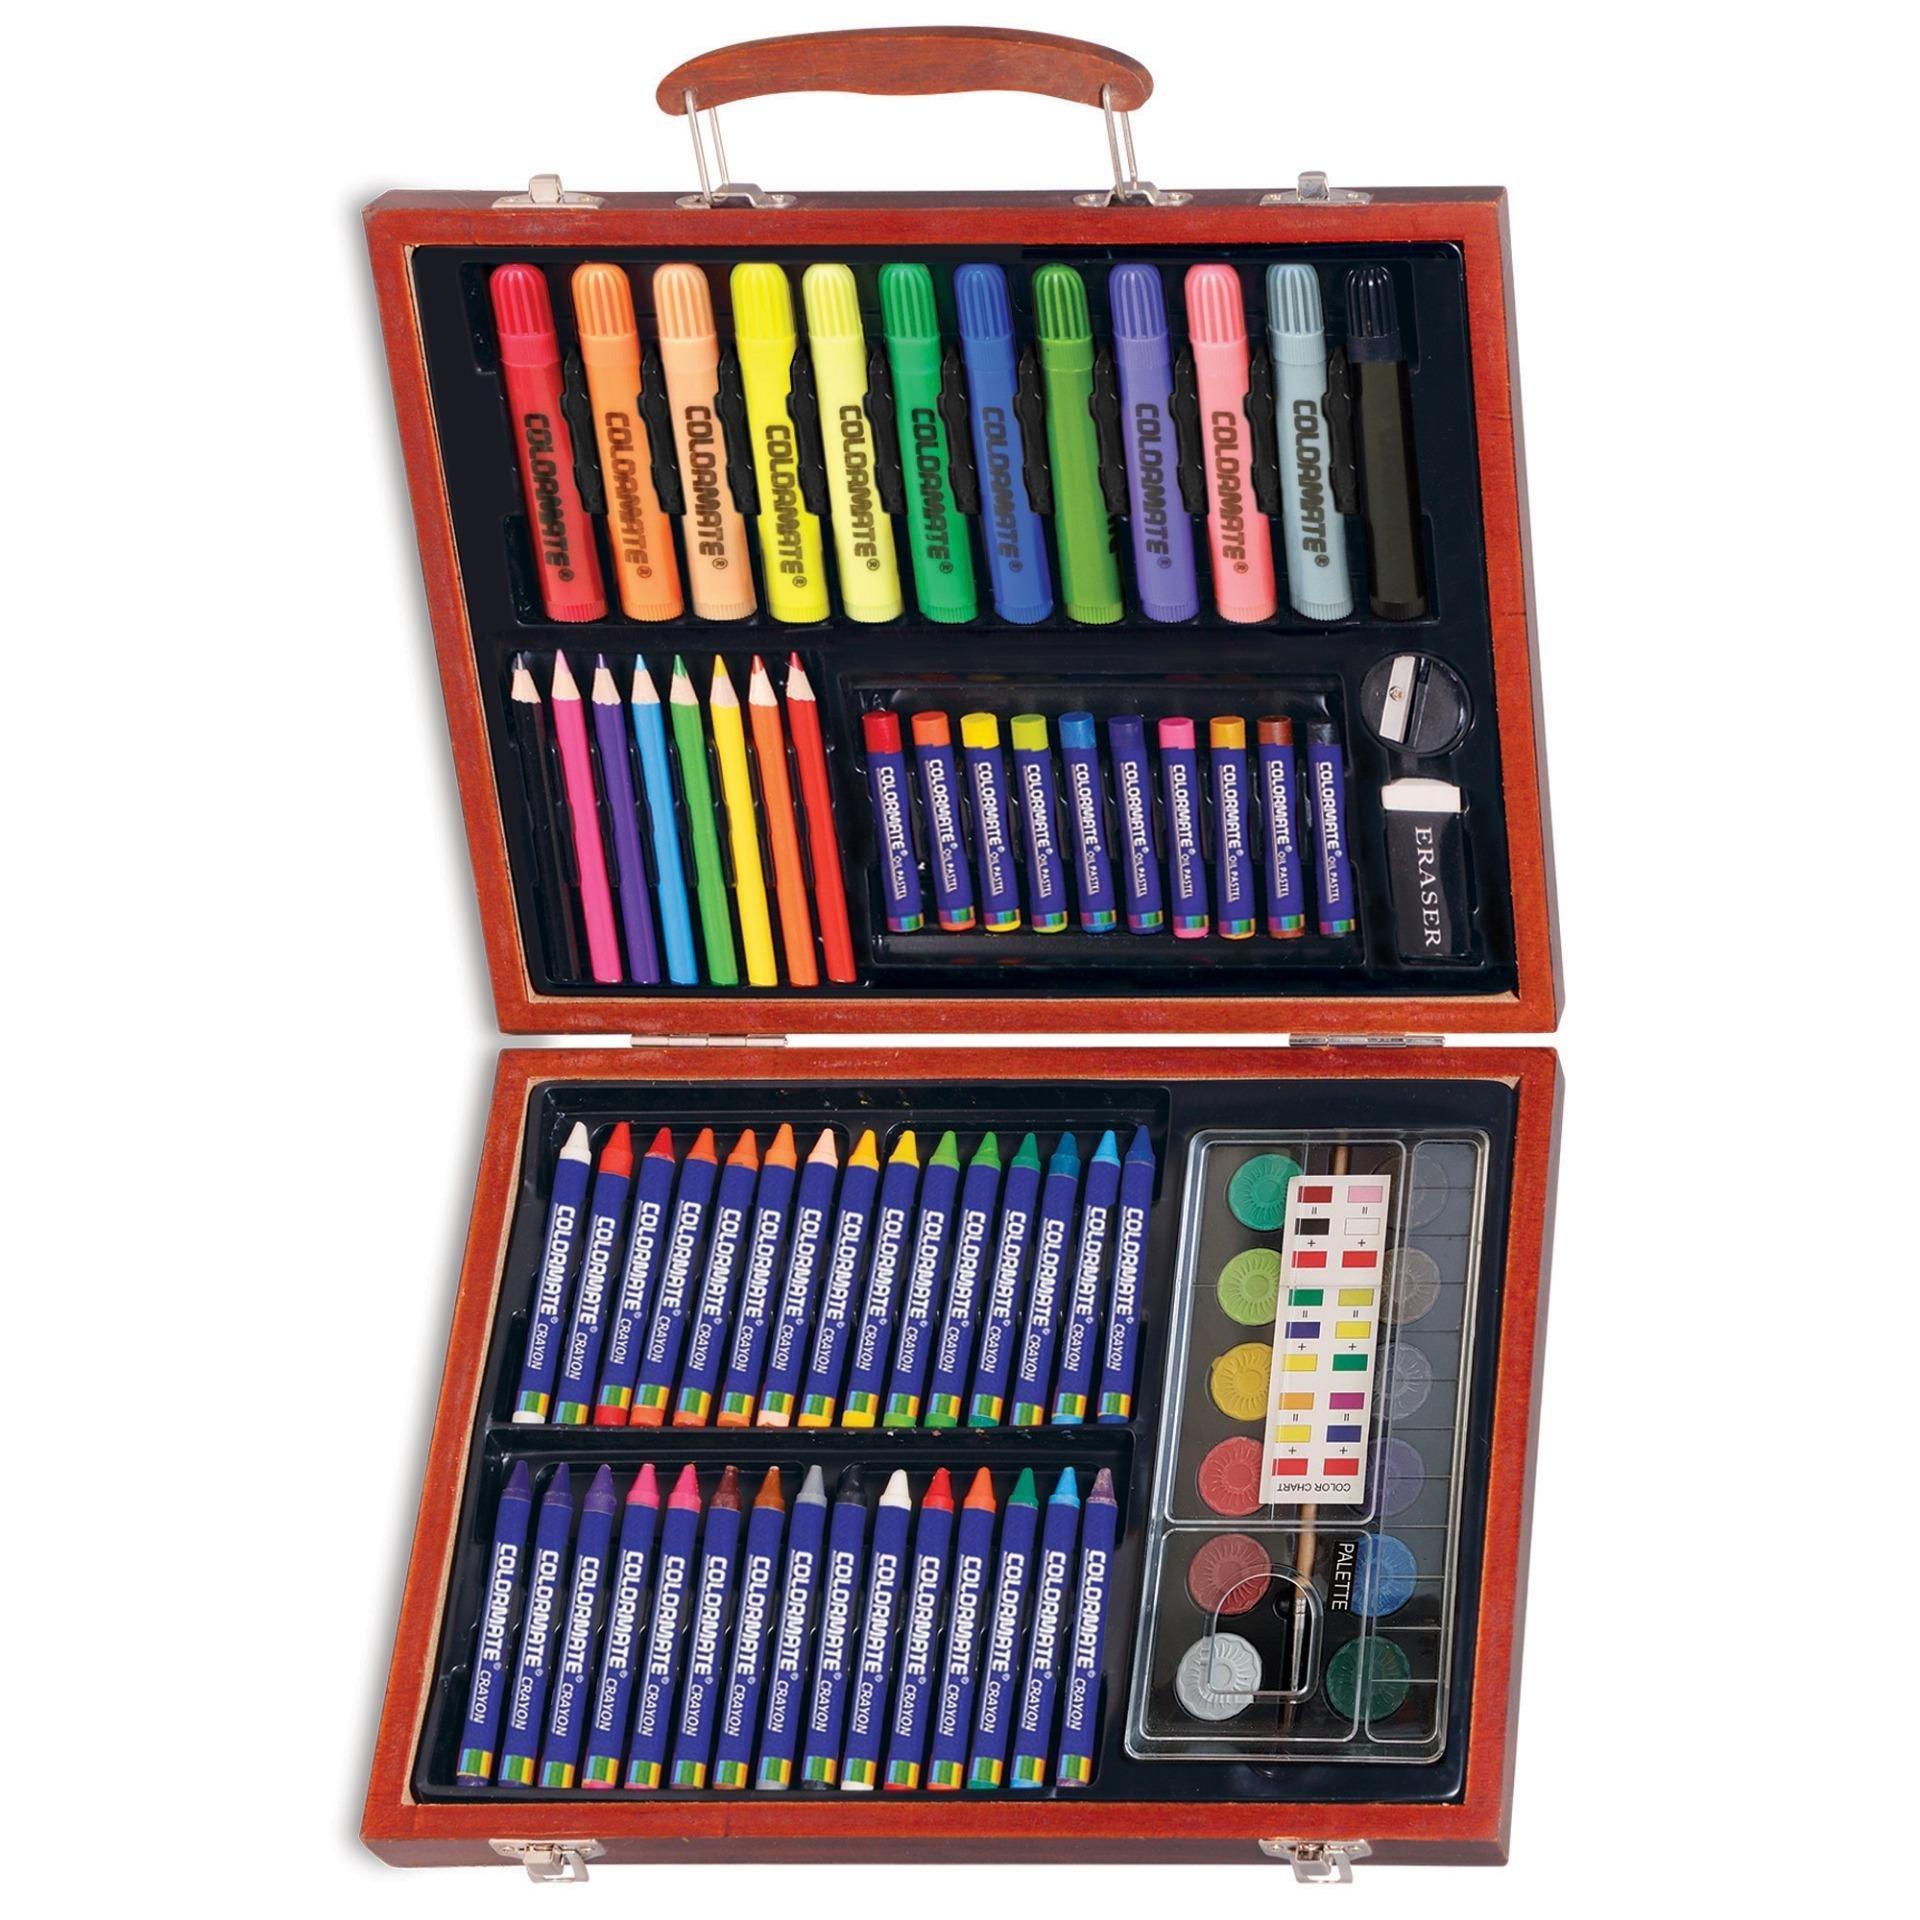 Giá Quá Tốt Để Có Bộ Màu Vẽ đa Năng Hộp Gỗ Colormate MS-78W